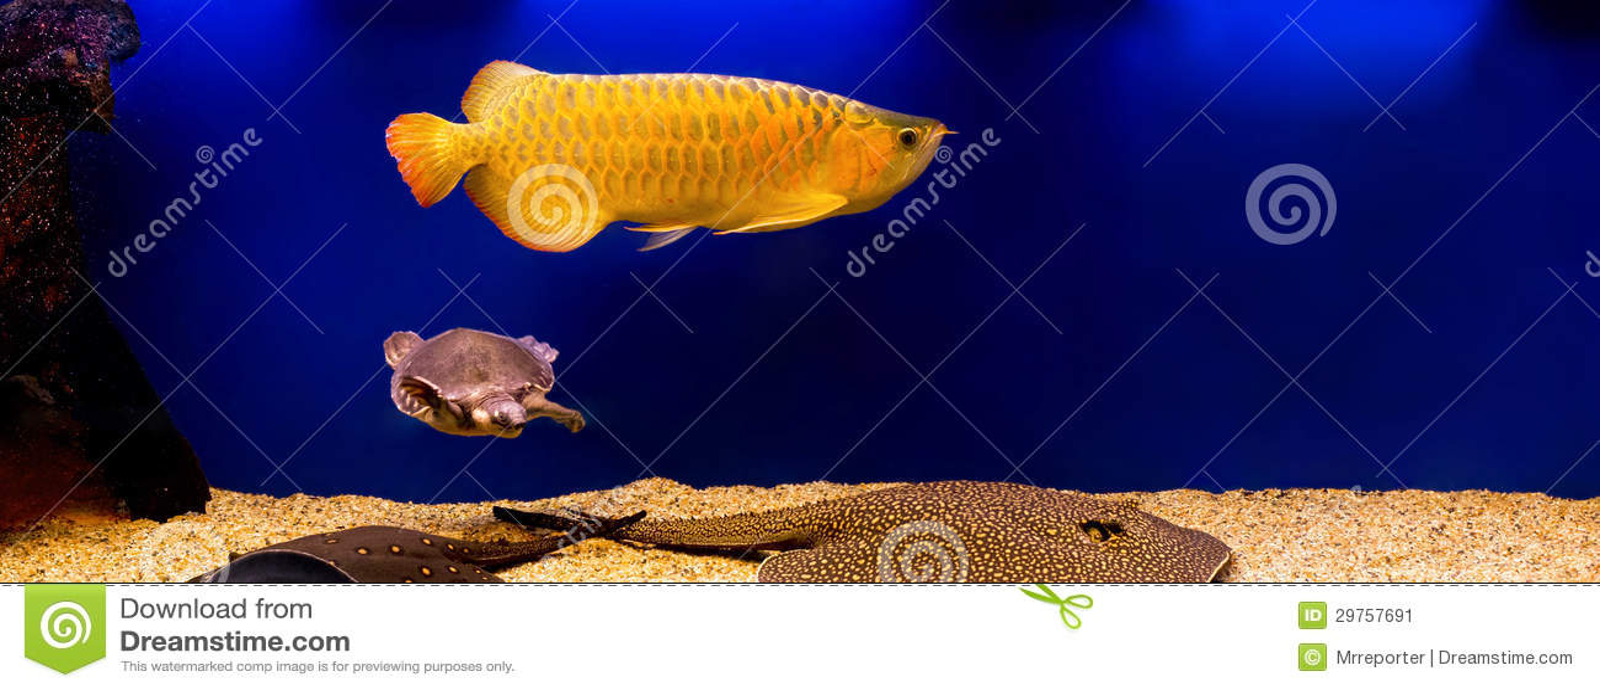 het aquarium van de luxe stock afbeelding afbeelding bestaande uit decor 29757691. Black Bedroom Furniture Sets. Home Design Ideas